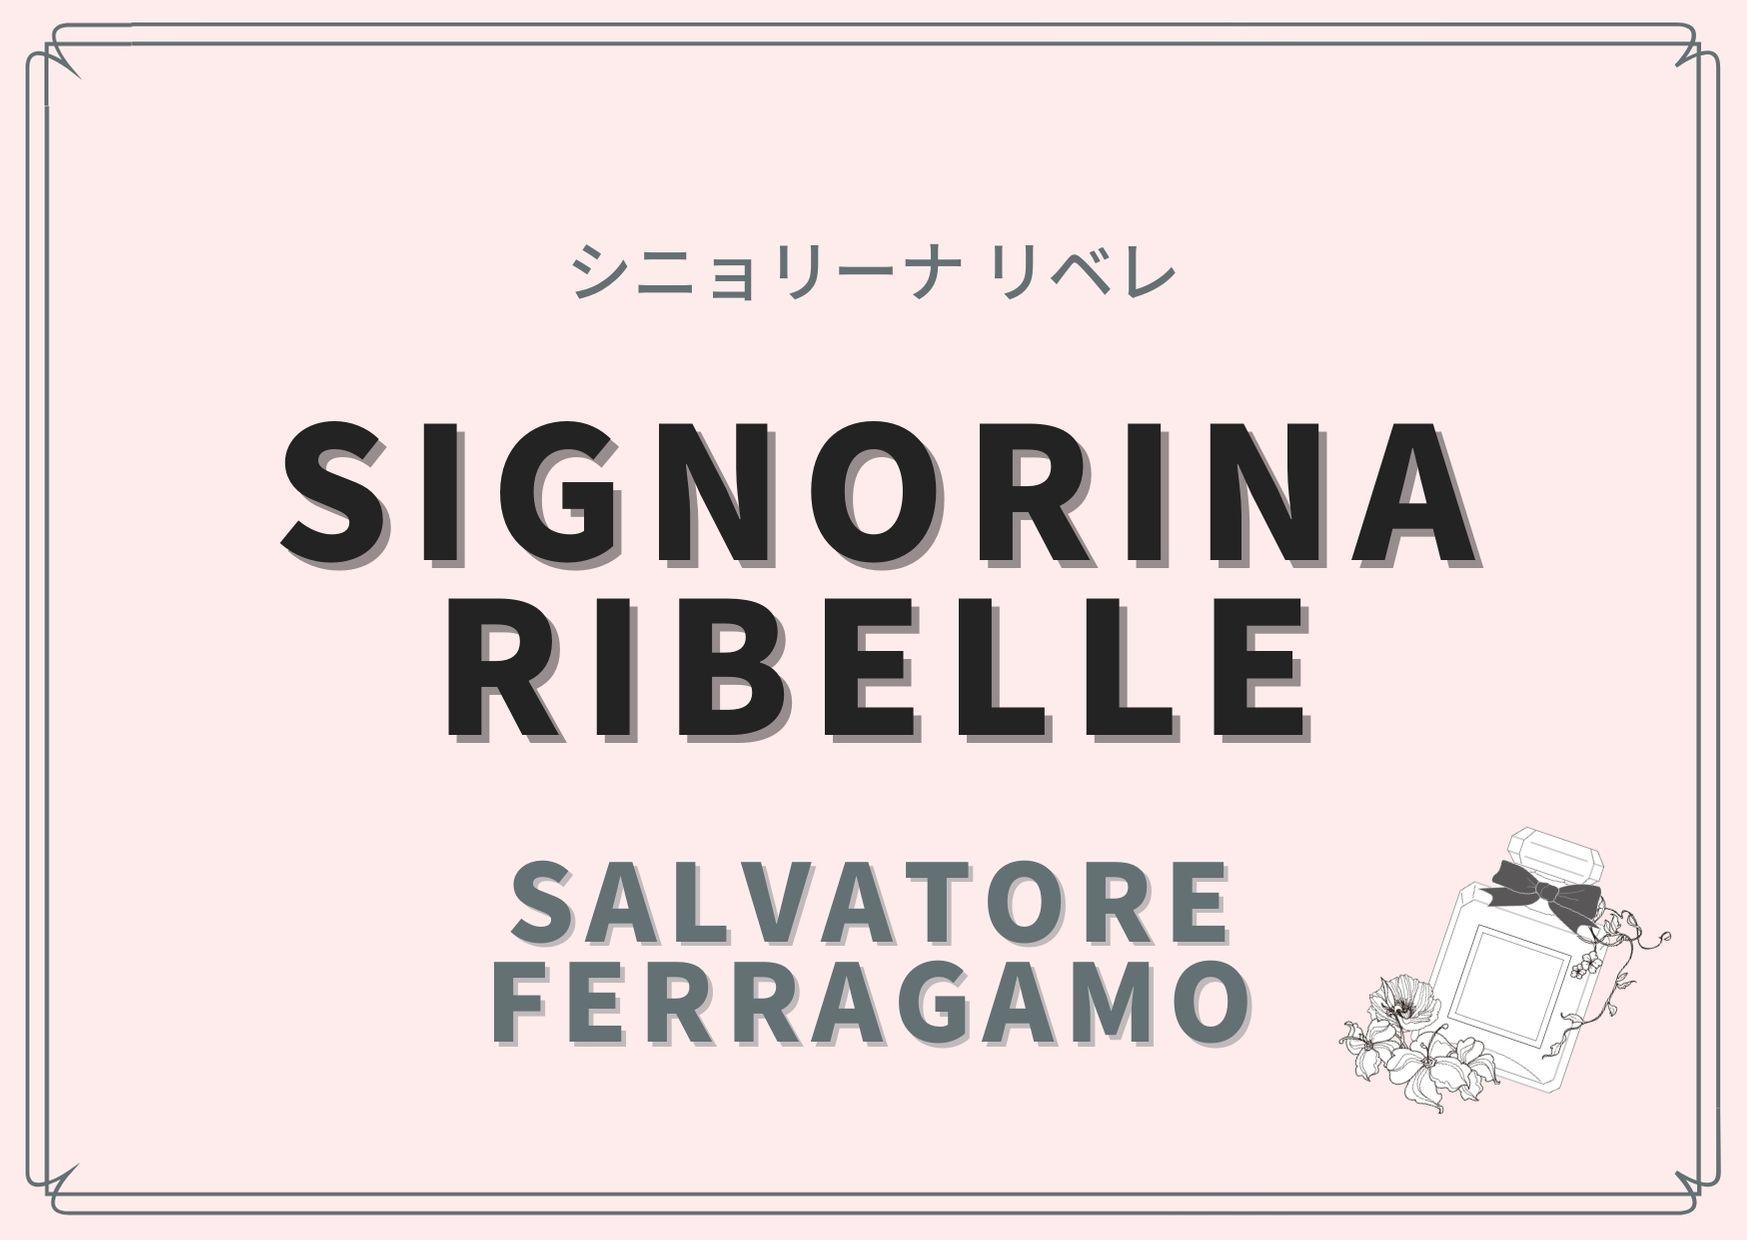 Signorina Ribelle(シニョリーナ リベレ)/Salvatore Ferragamo(サルヴァトーレ フェラガモ)